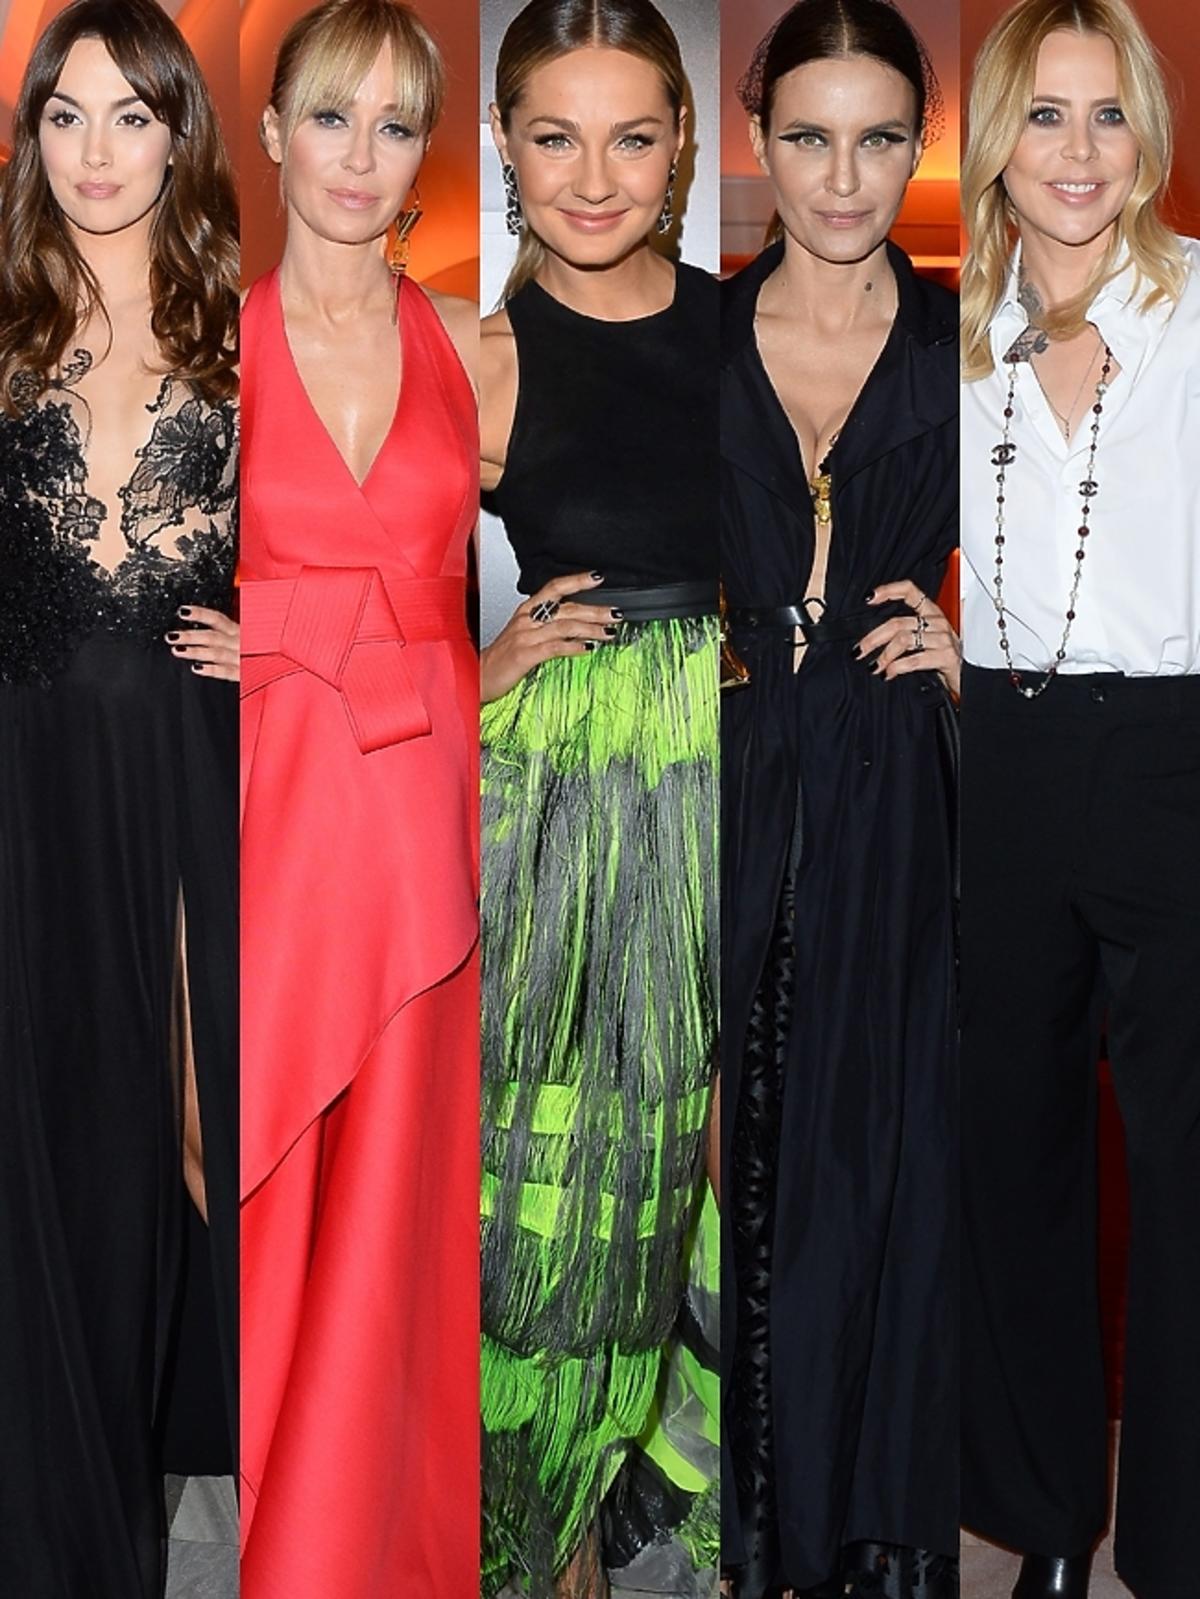 Gwiazdy na imprezie Flesz Fashion Night